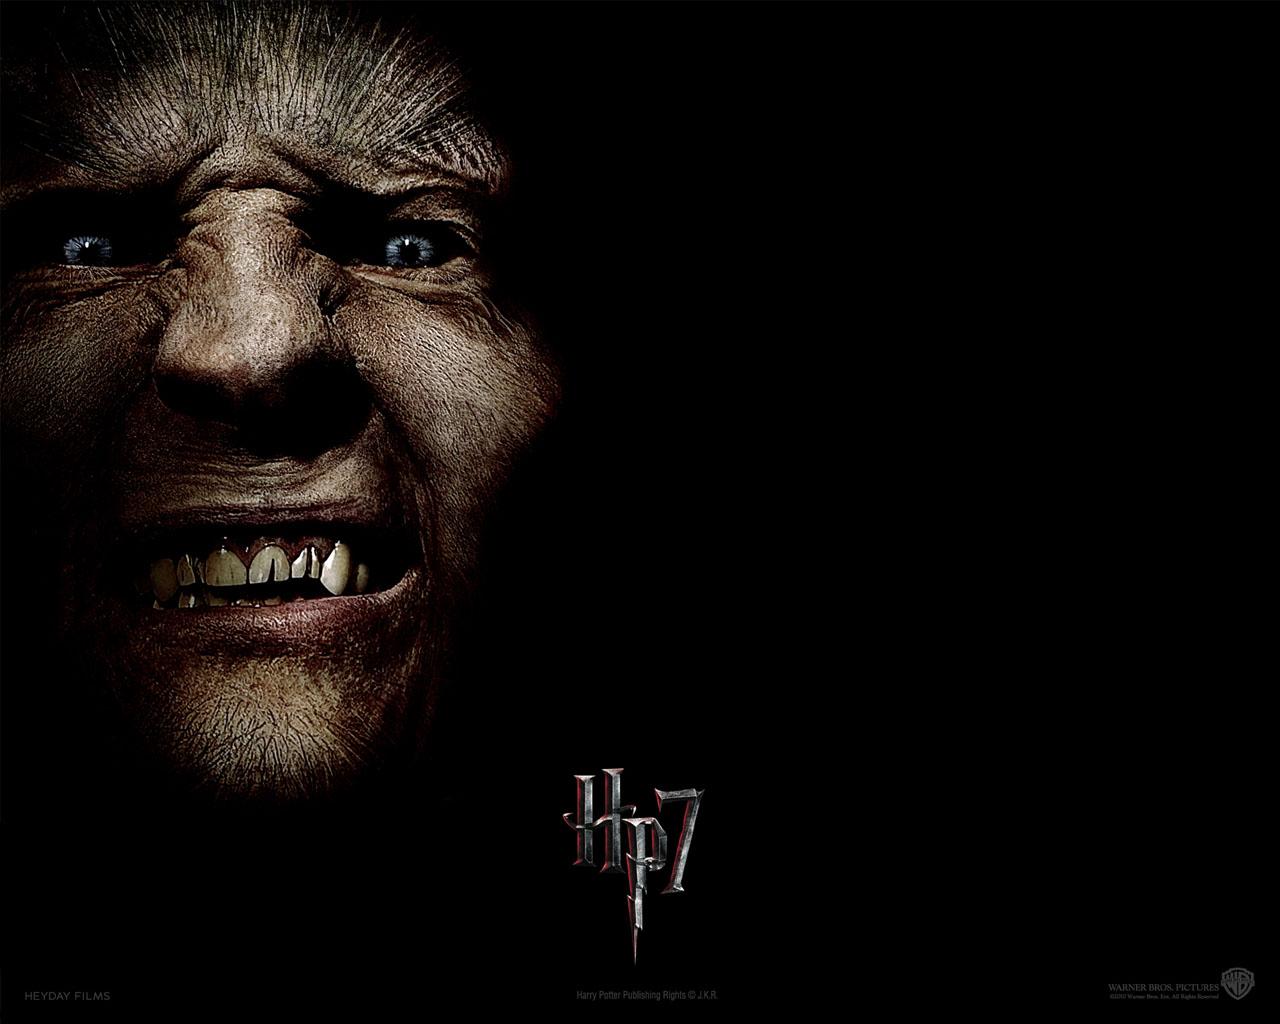 http://2.bp.blogspot.com/-Y7kJ1AjvLGU/Thye_G4io9I/AAAAAAAAAkY/827qTrM4MU4/s1600/Harry%2BPotter%2Band%2Bthe%2BDeathly%2BHallows%2BWallpaper-11.jpg